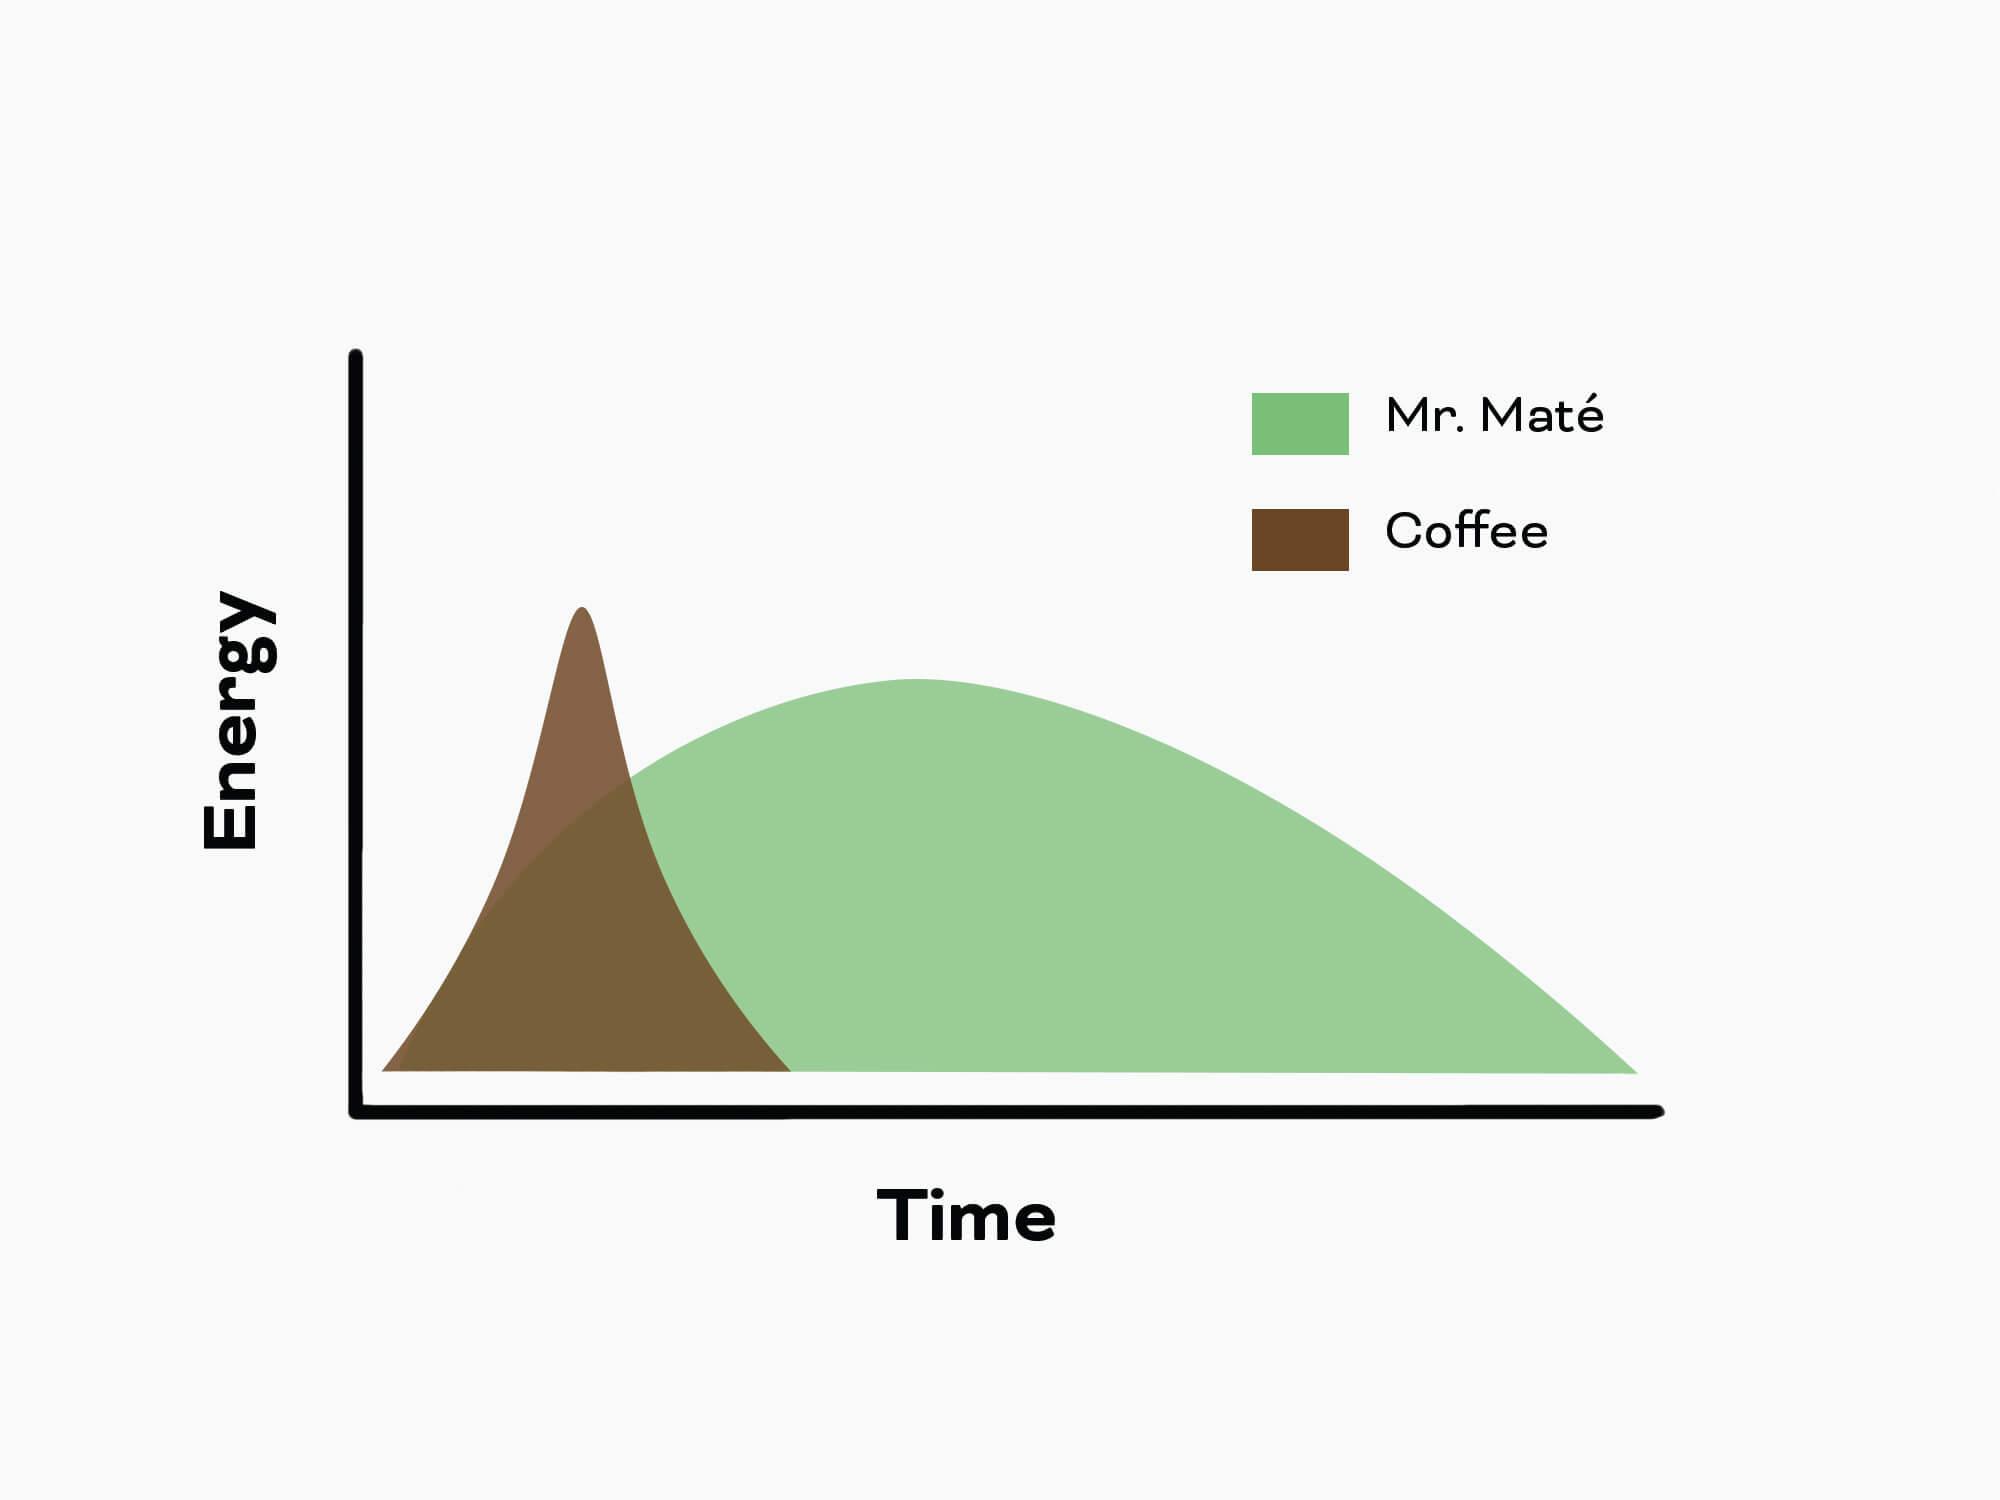 Yerba mate geeft energie grafiek veel beter dan koffie